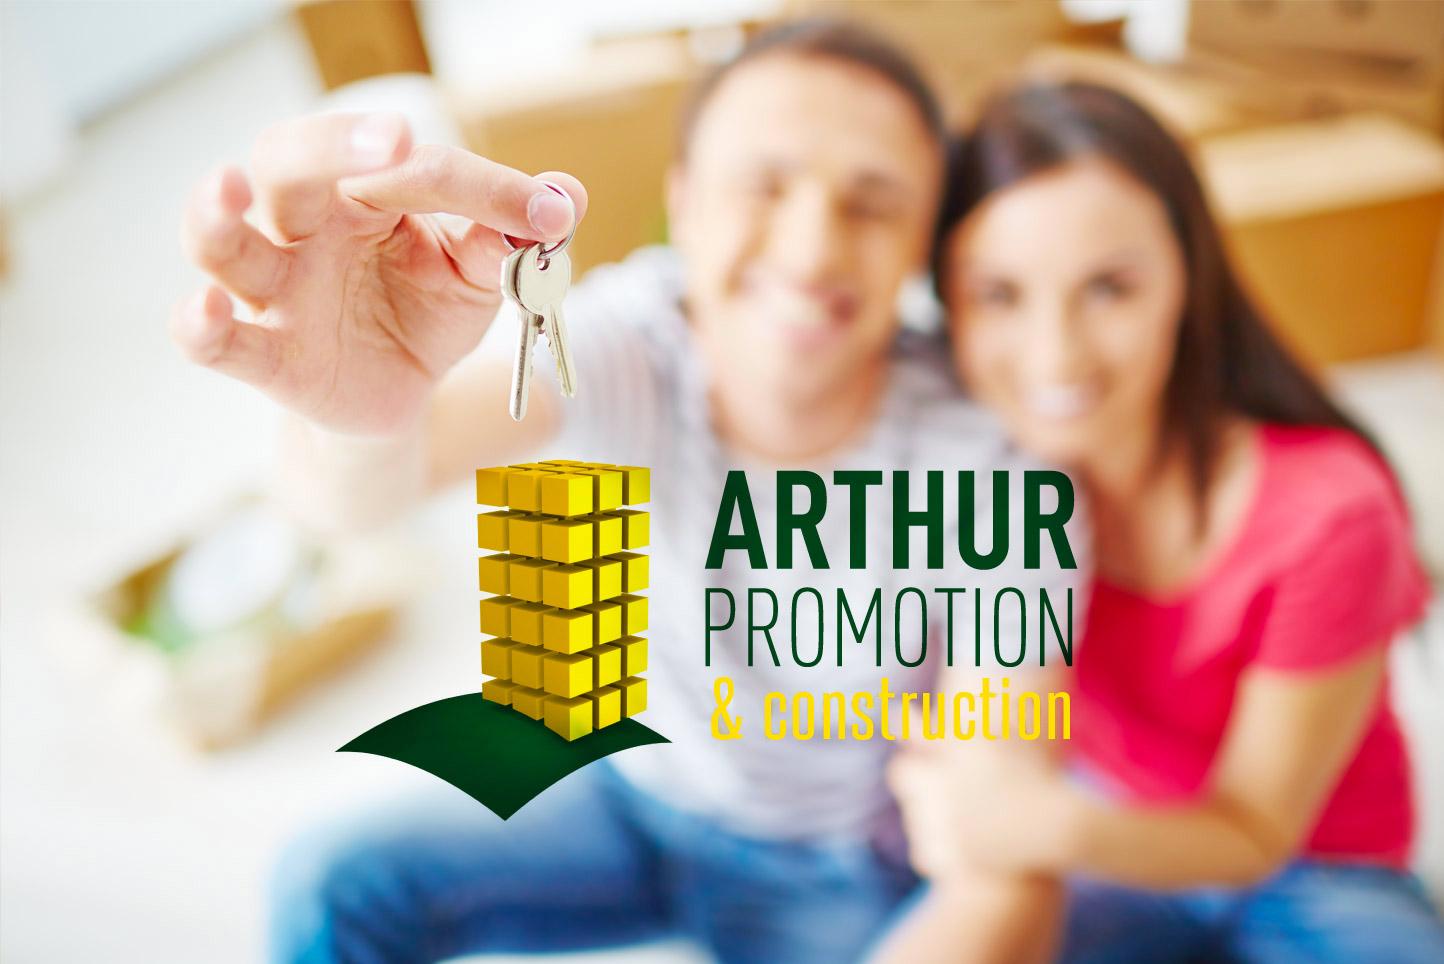 Promotion et construction